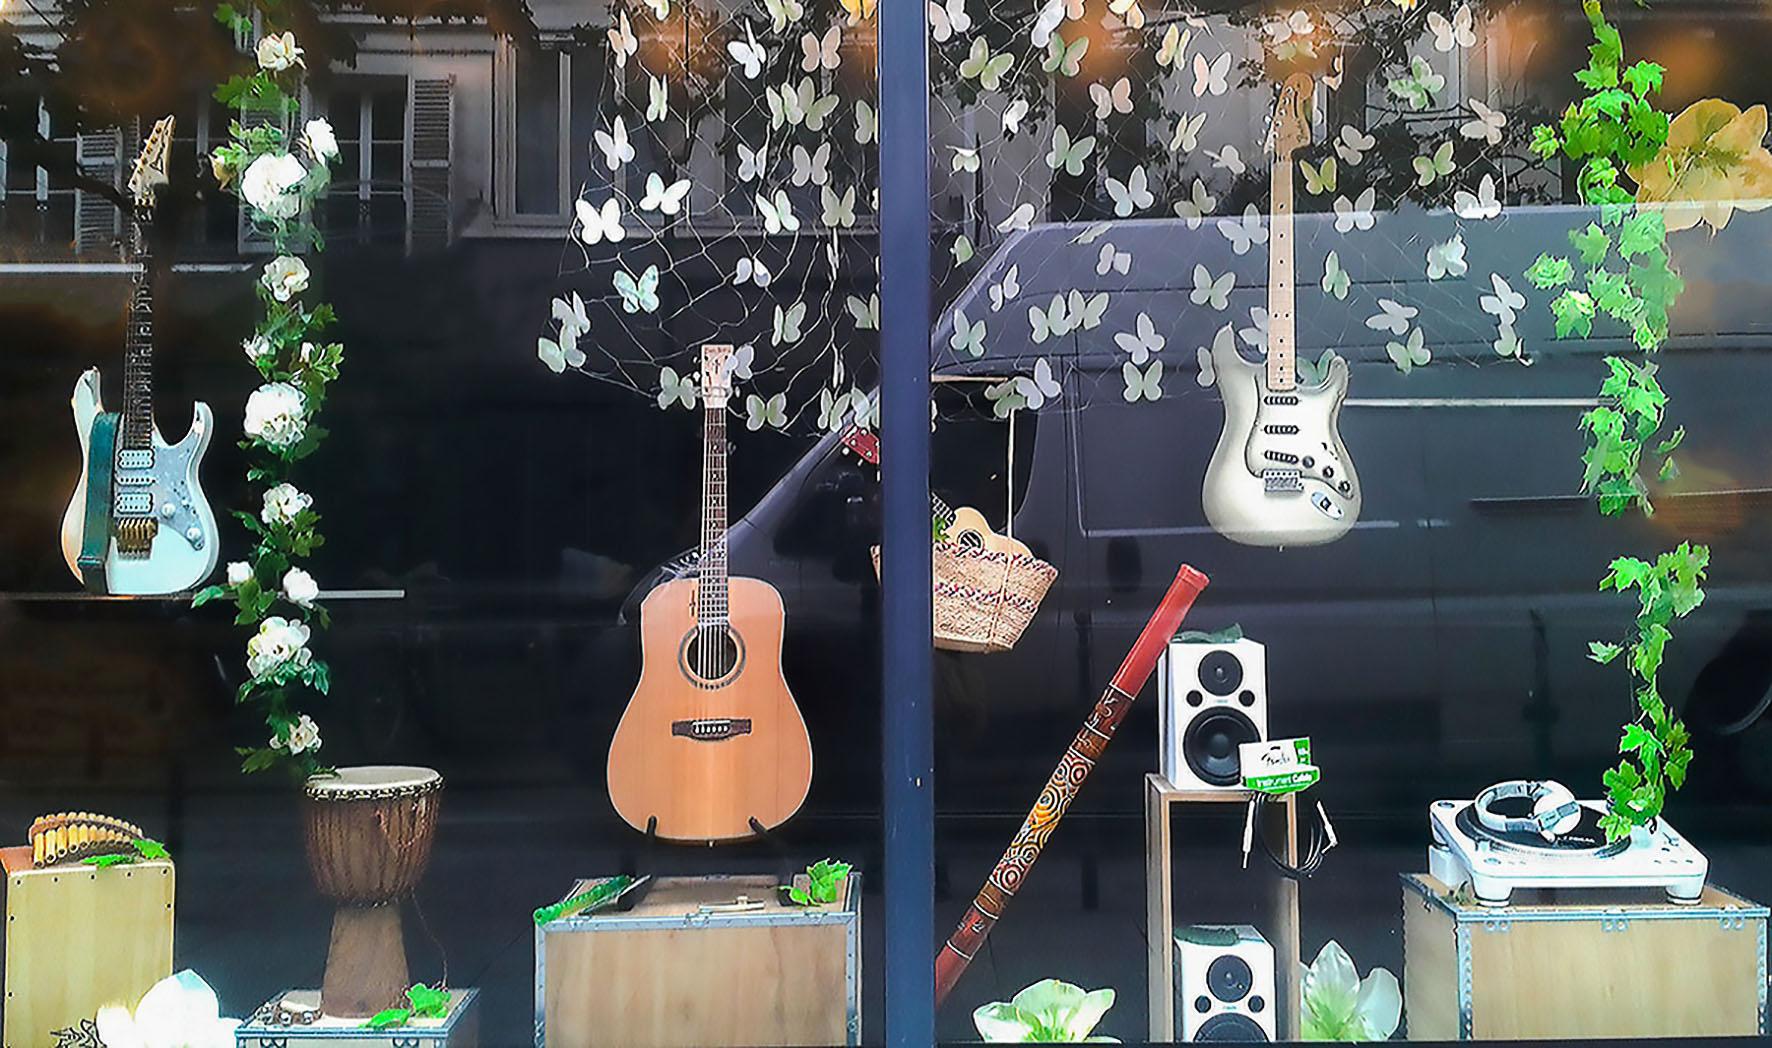 scénographie de vitrine pour magasin d'instruments de musique-ambiance printemps